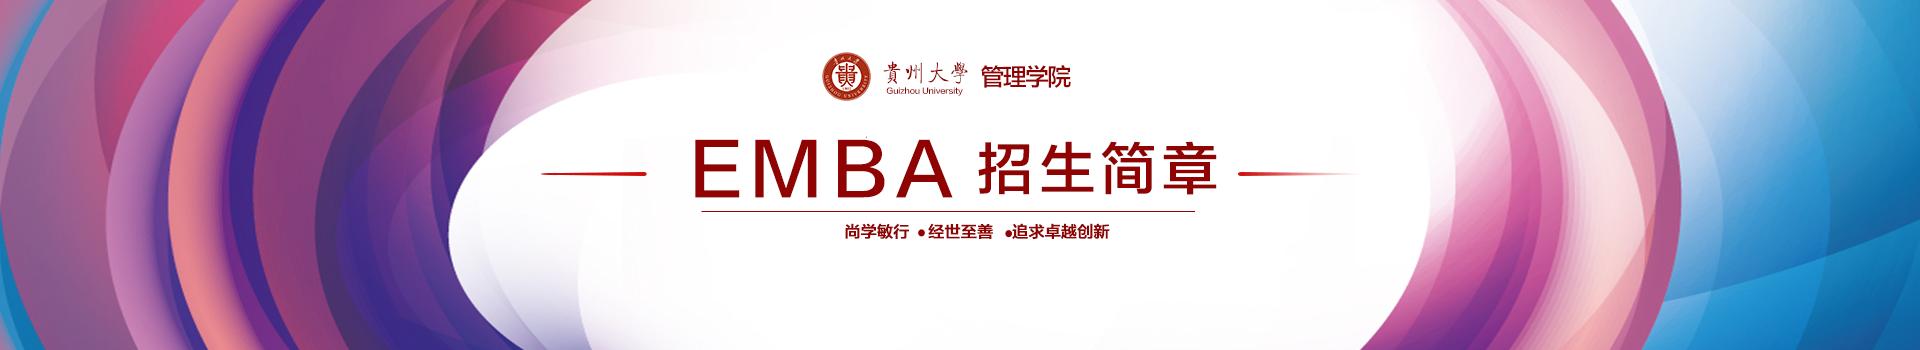 贵州大学管理学院高级工商管理硕士EMBA招生简章